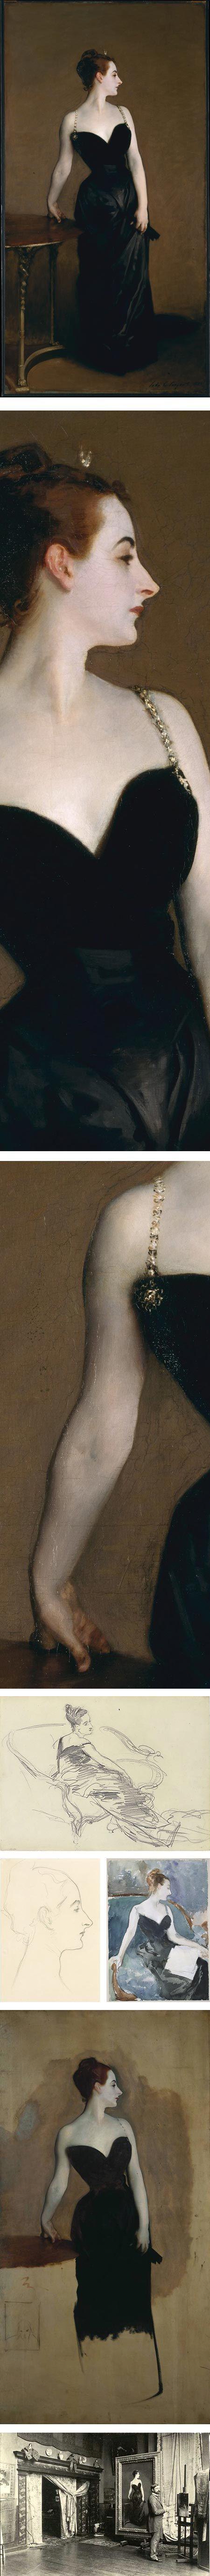 Unfinished full size study, including original pre-censorship dangling shoulder strap, of John Singer Sargent's Madame X